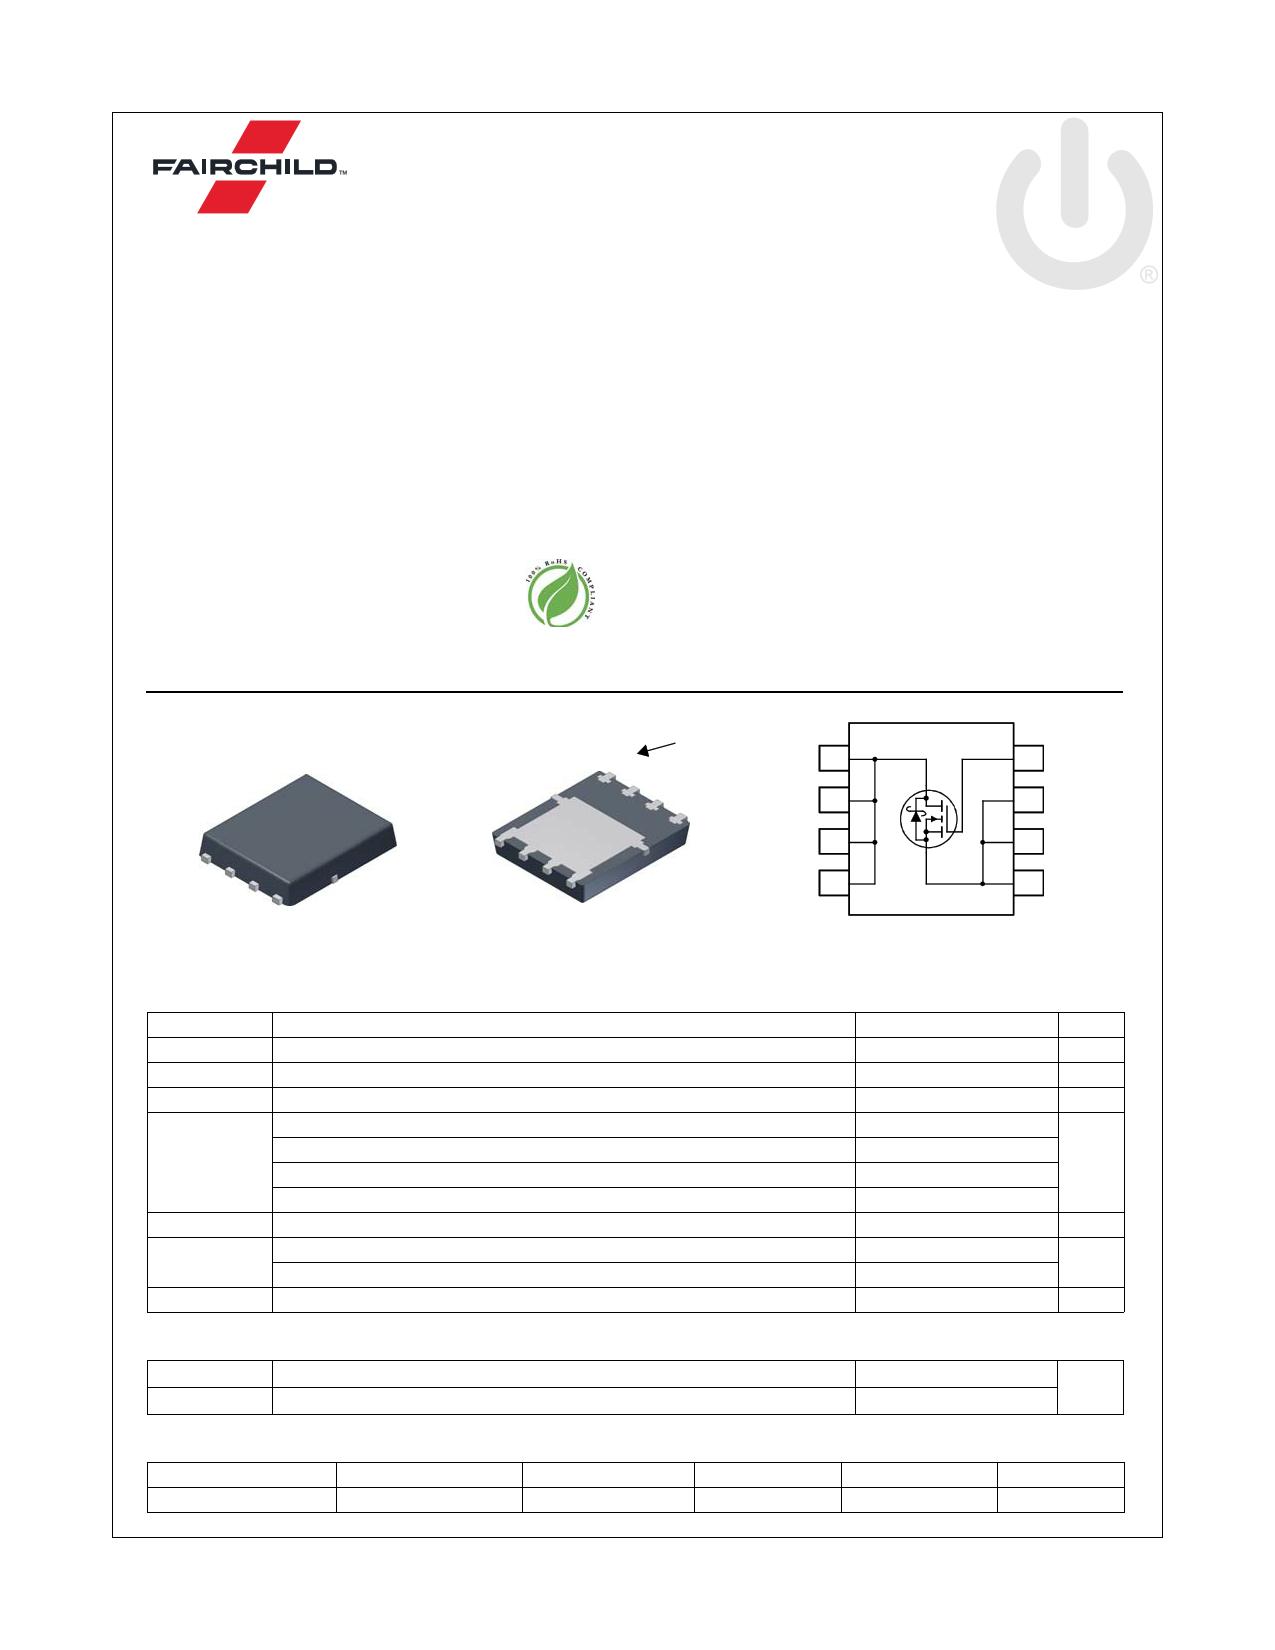 FDMS0309AS 데이터시트 및 FDMS0309AS PDF